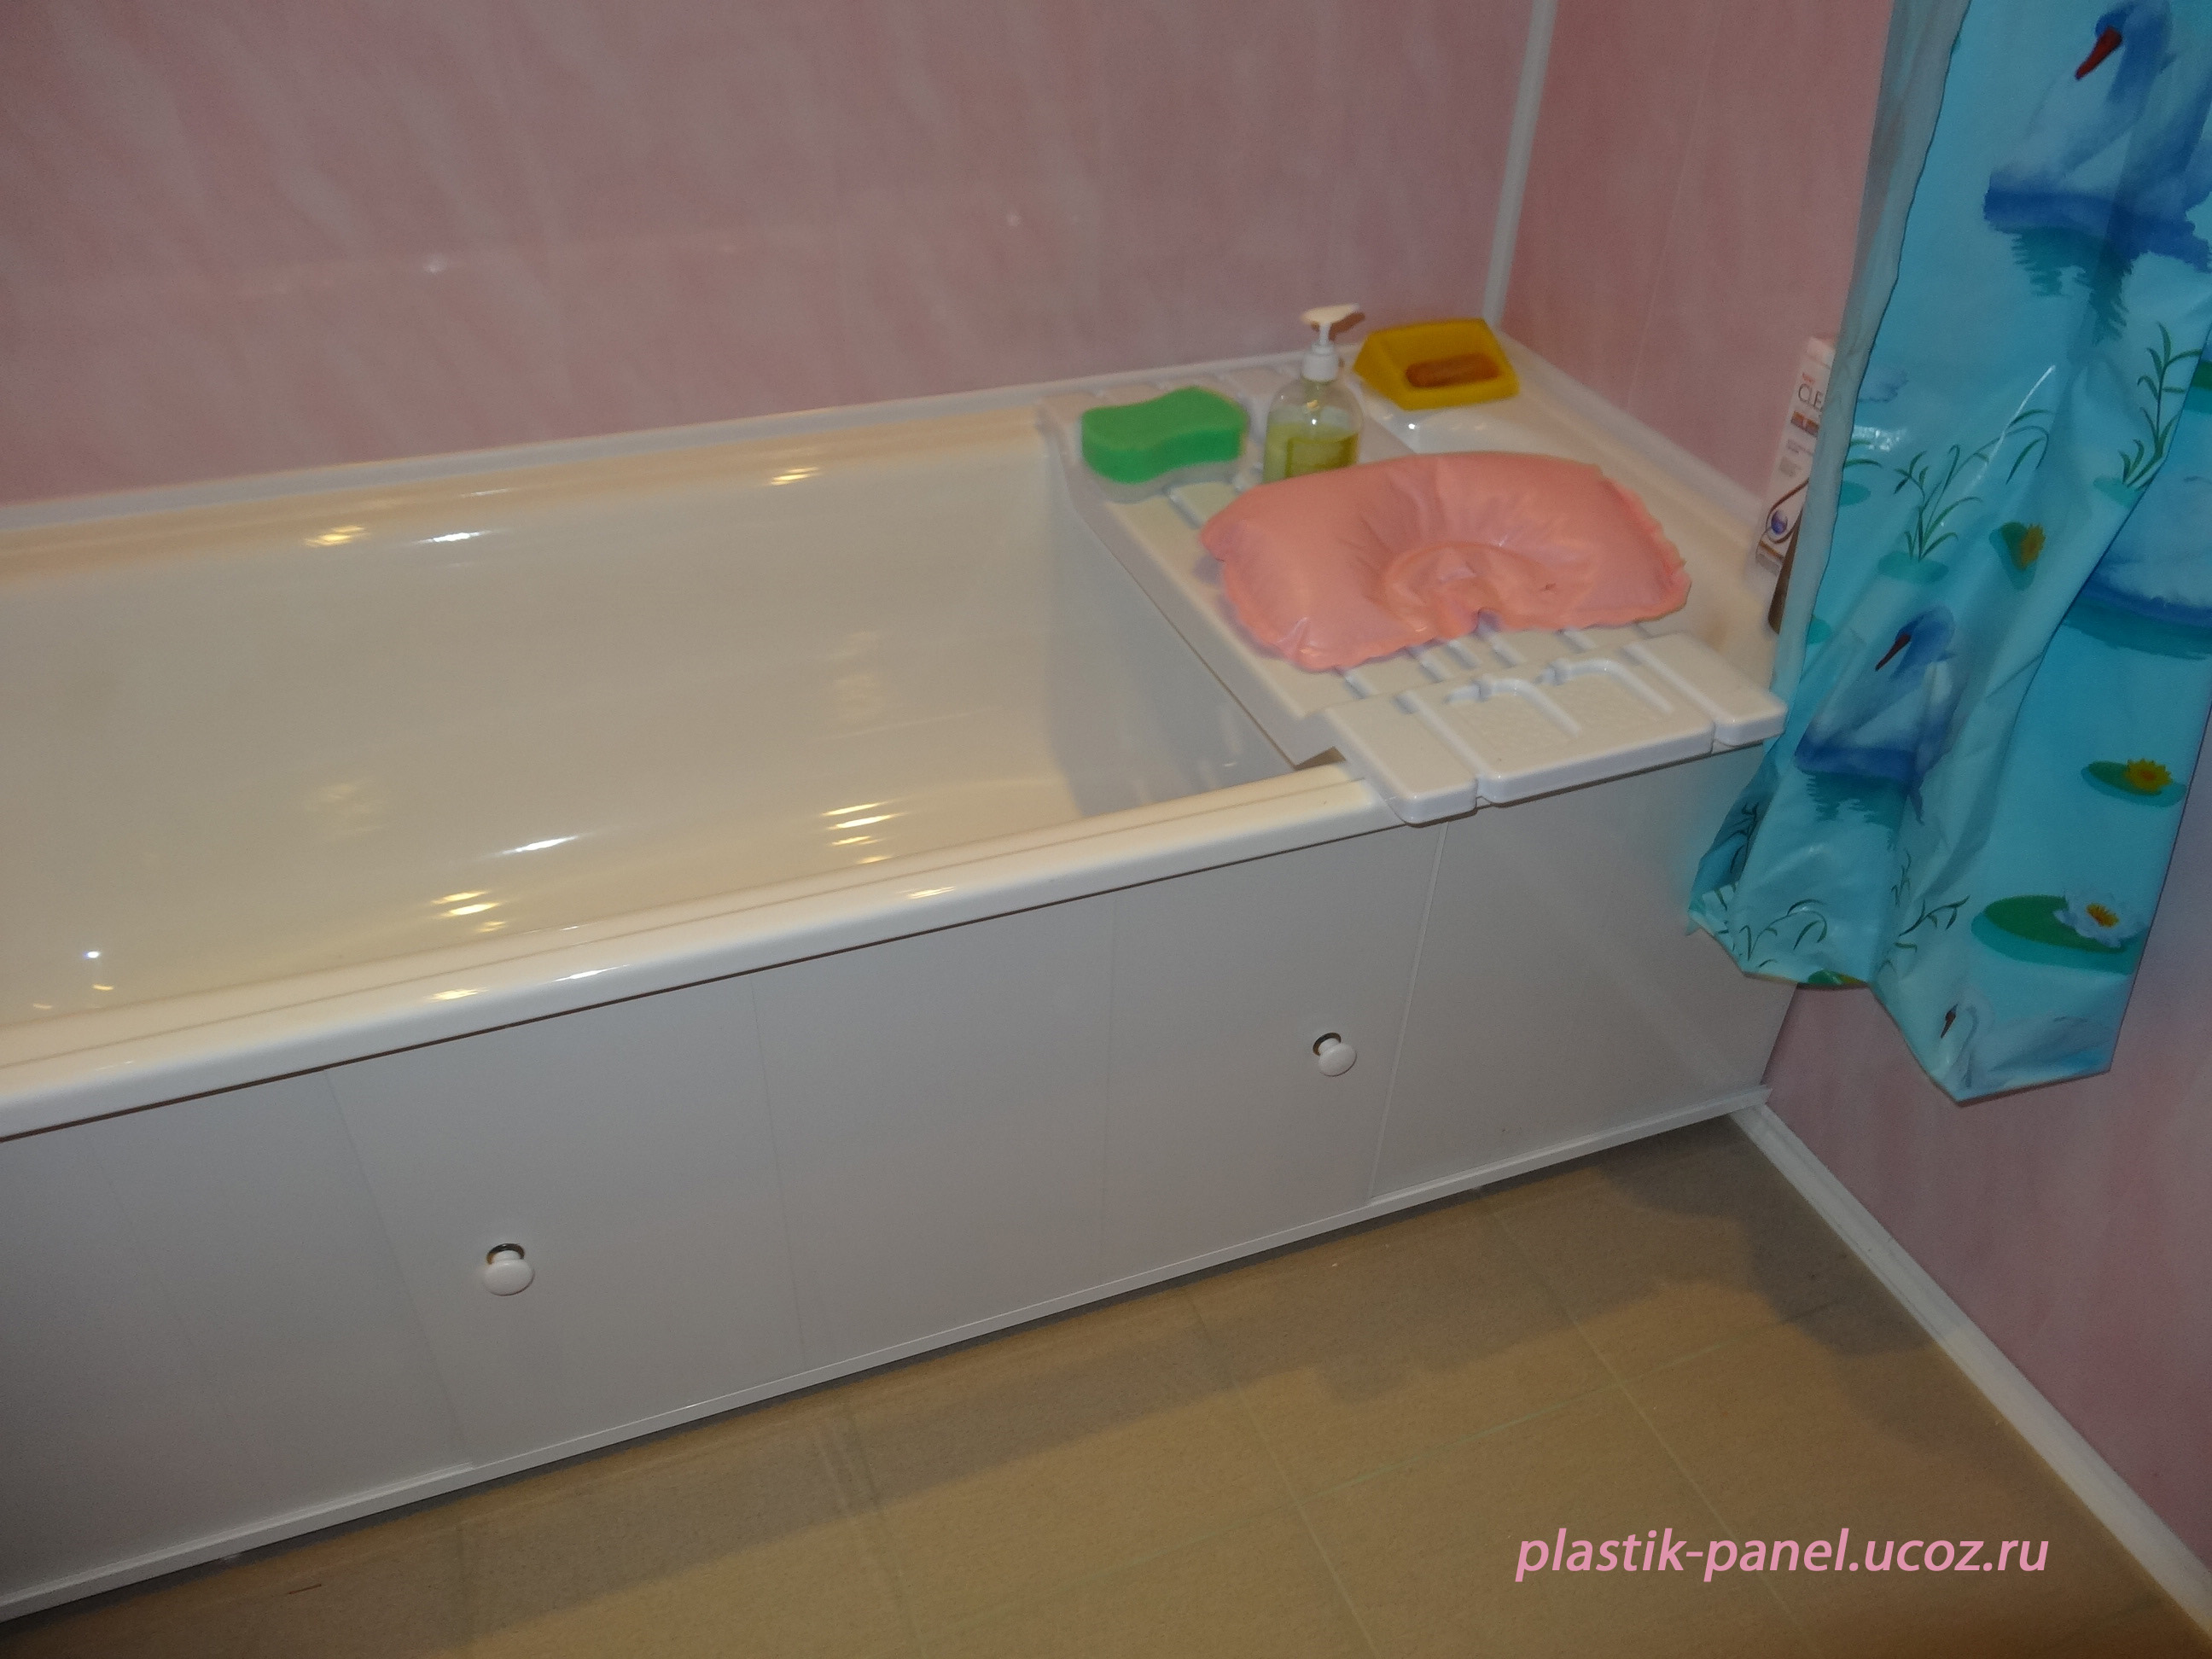 Как сделать экраны для ванны из пвх